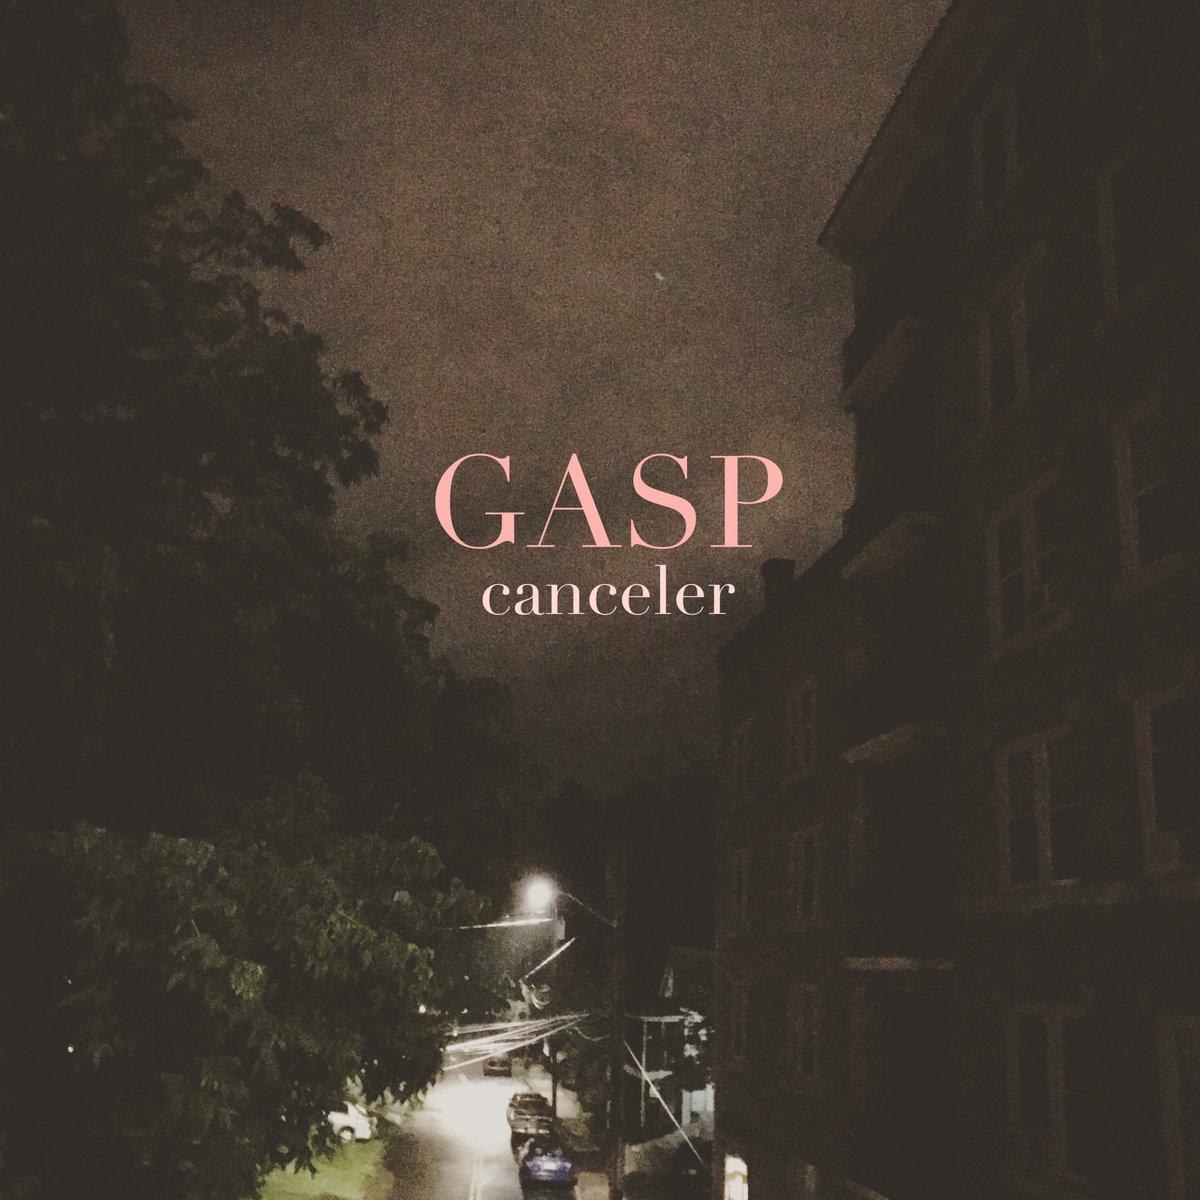 Canceler – GASP